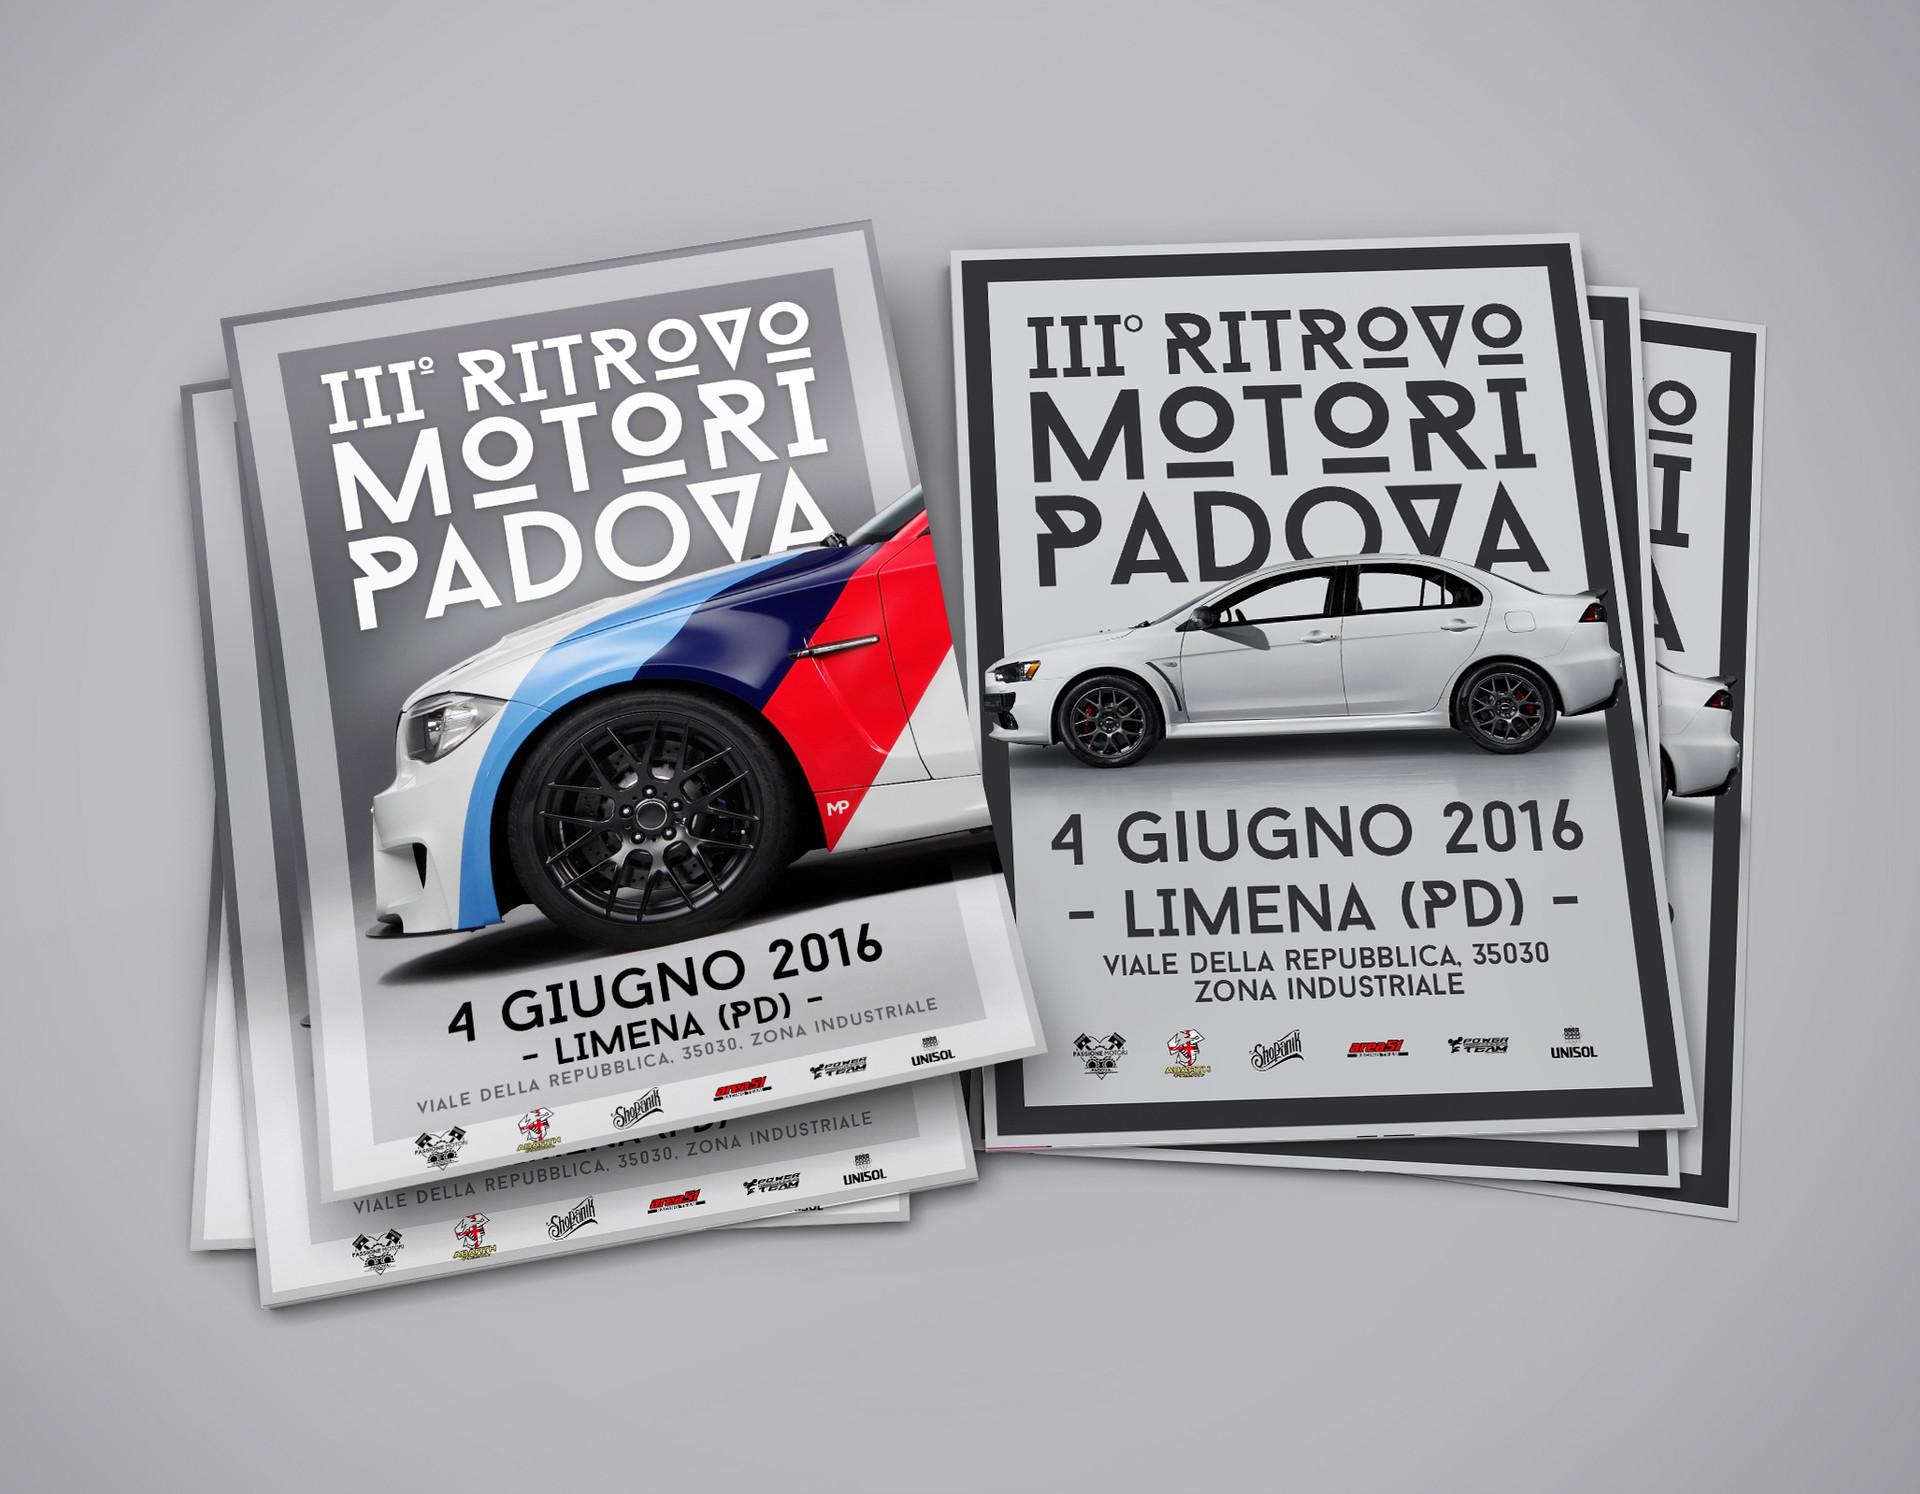 III Ritrovo Motori Padova Volantini - MP Grafica